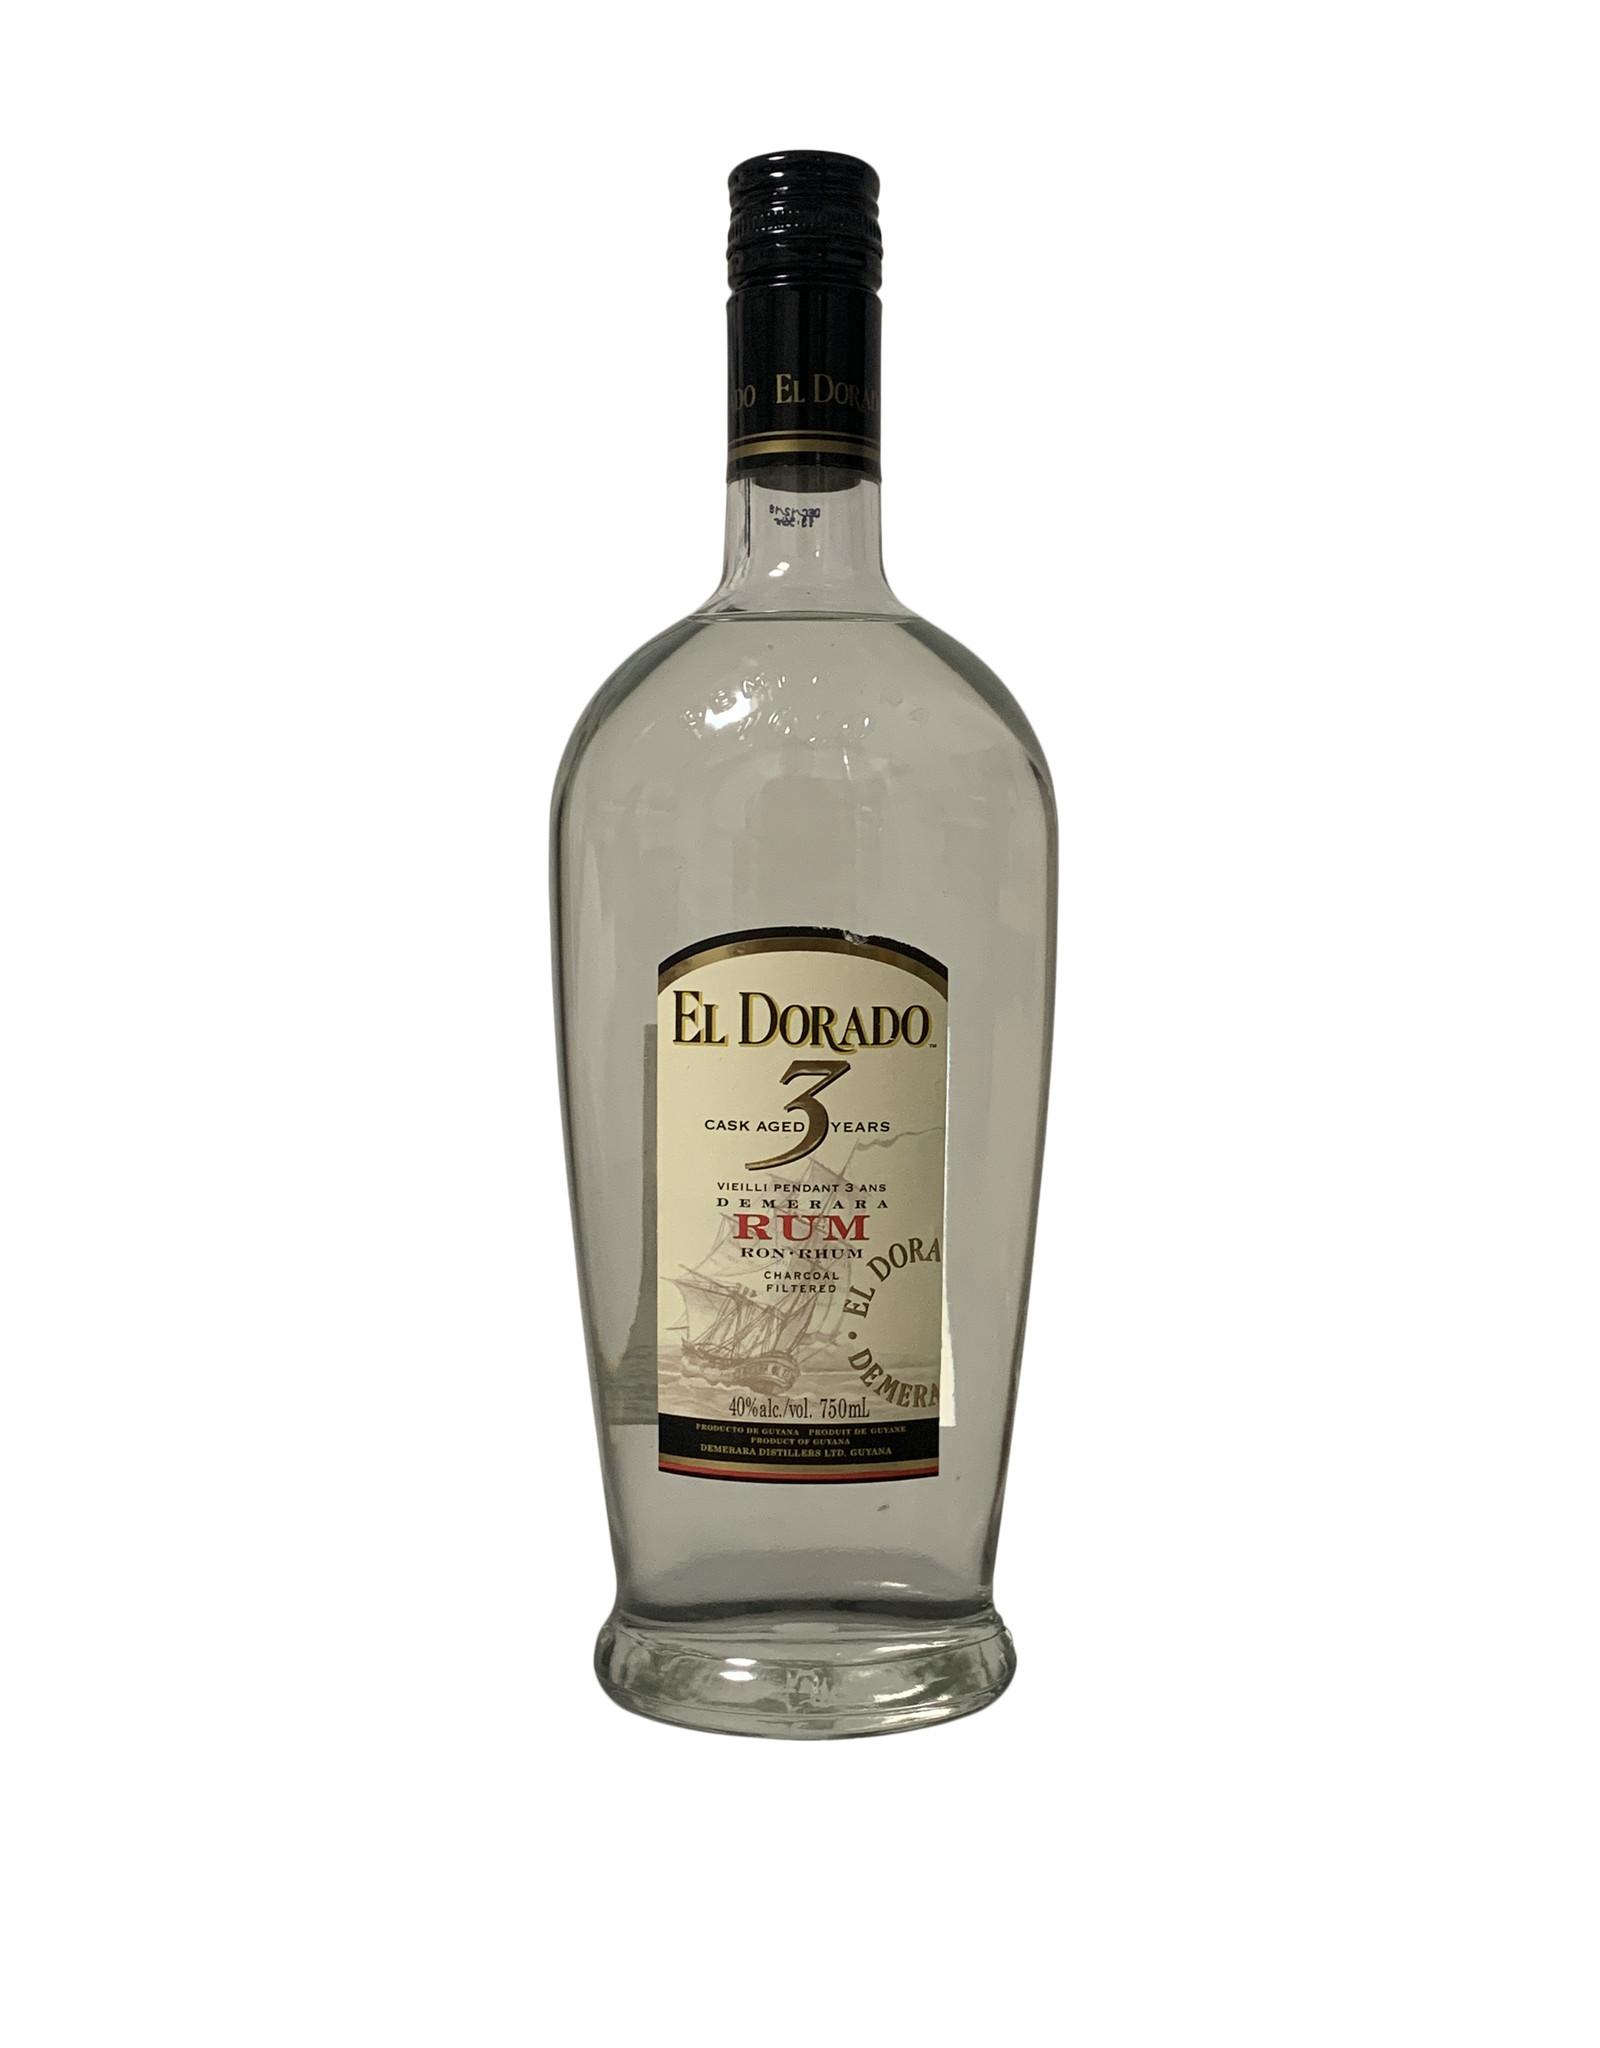 El Dorado El Dorado 3 Year Old Cask Aged Demerara Rum 80 Proof, Guyana (750mL)